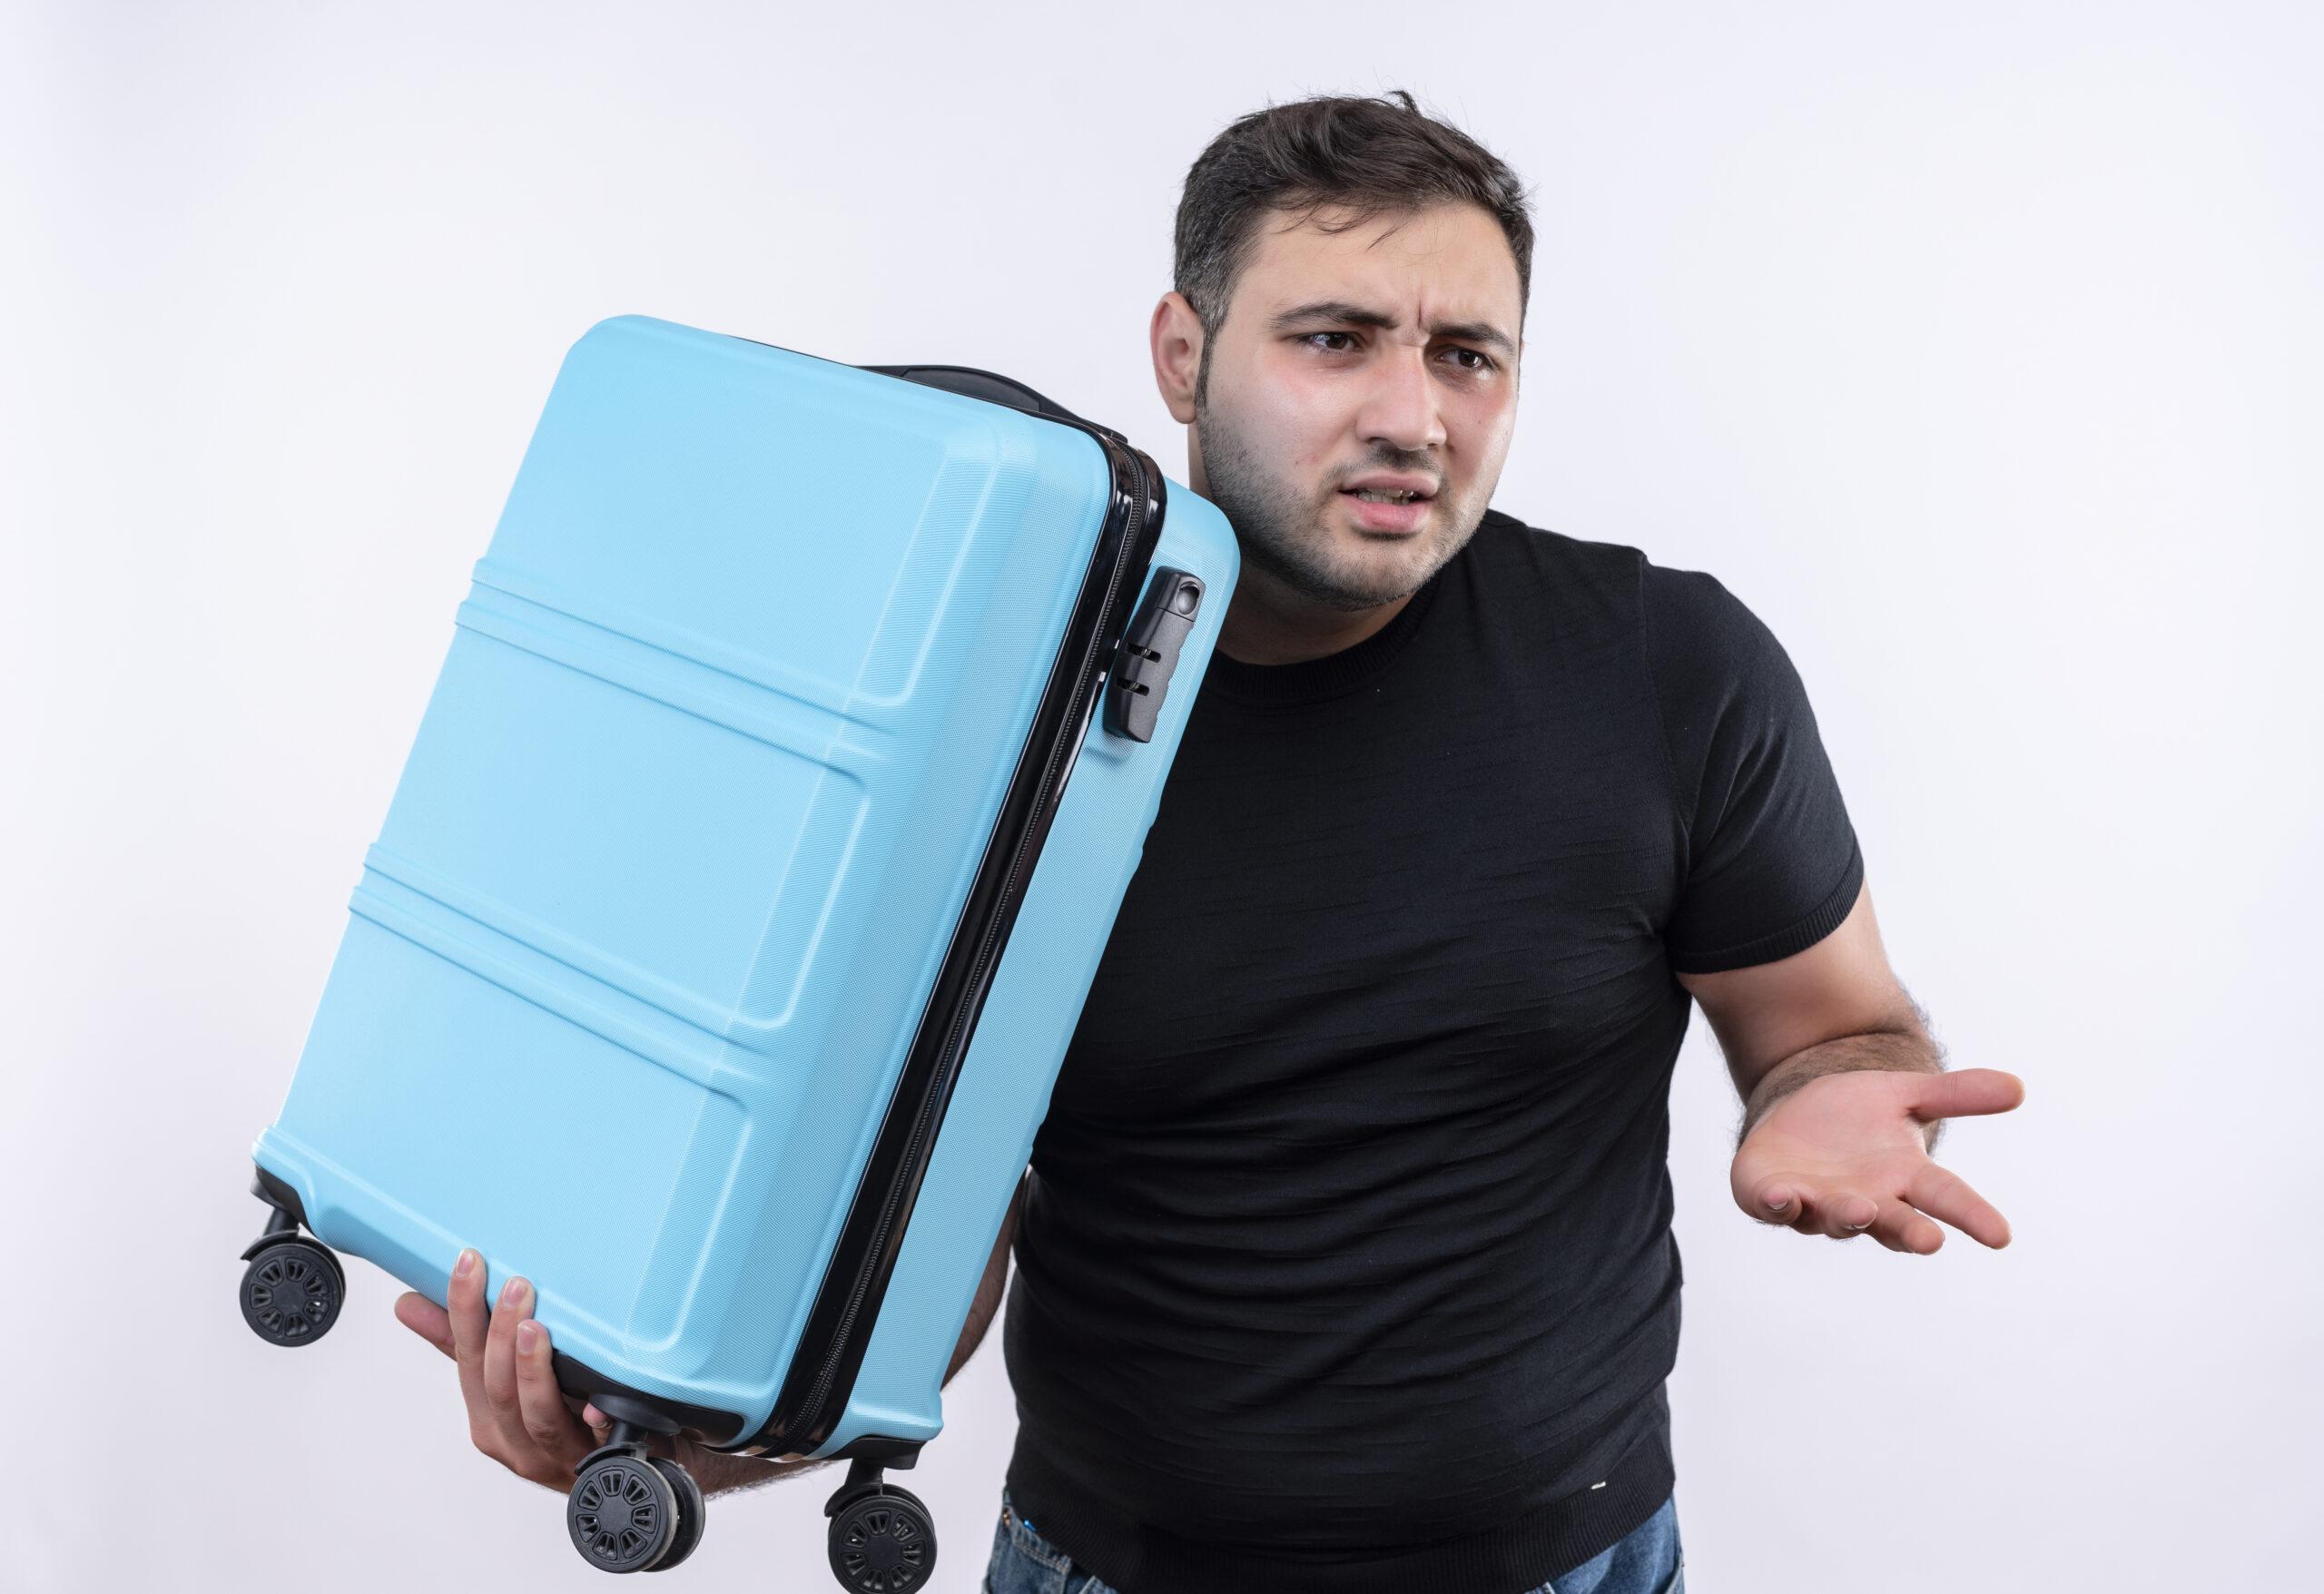 Praca za granicą – jak przygotować się do wyjazdu?